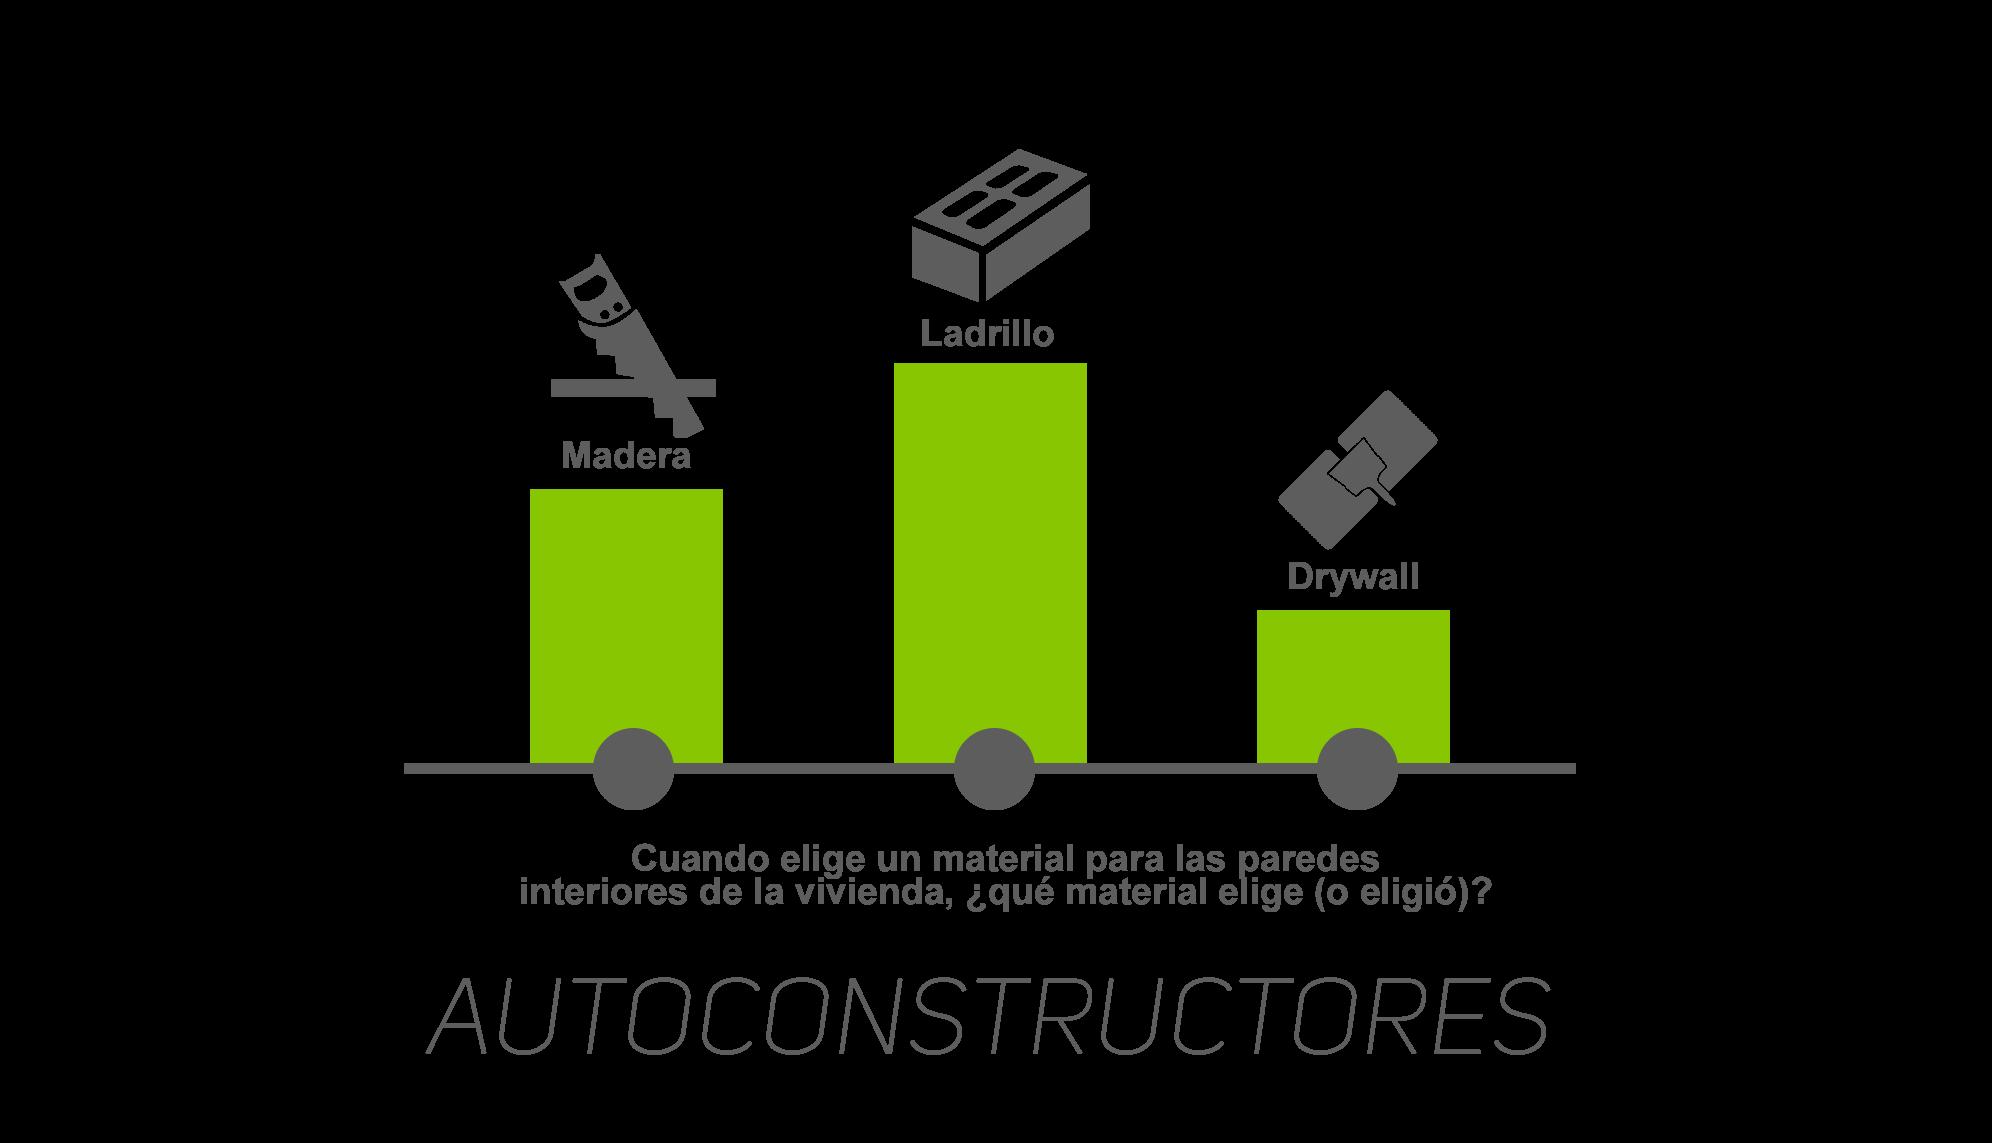 Autoconstrucción 2016